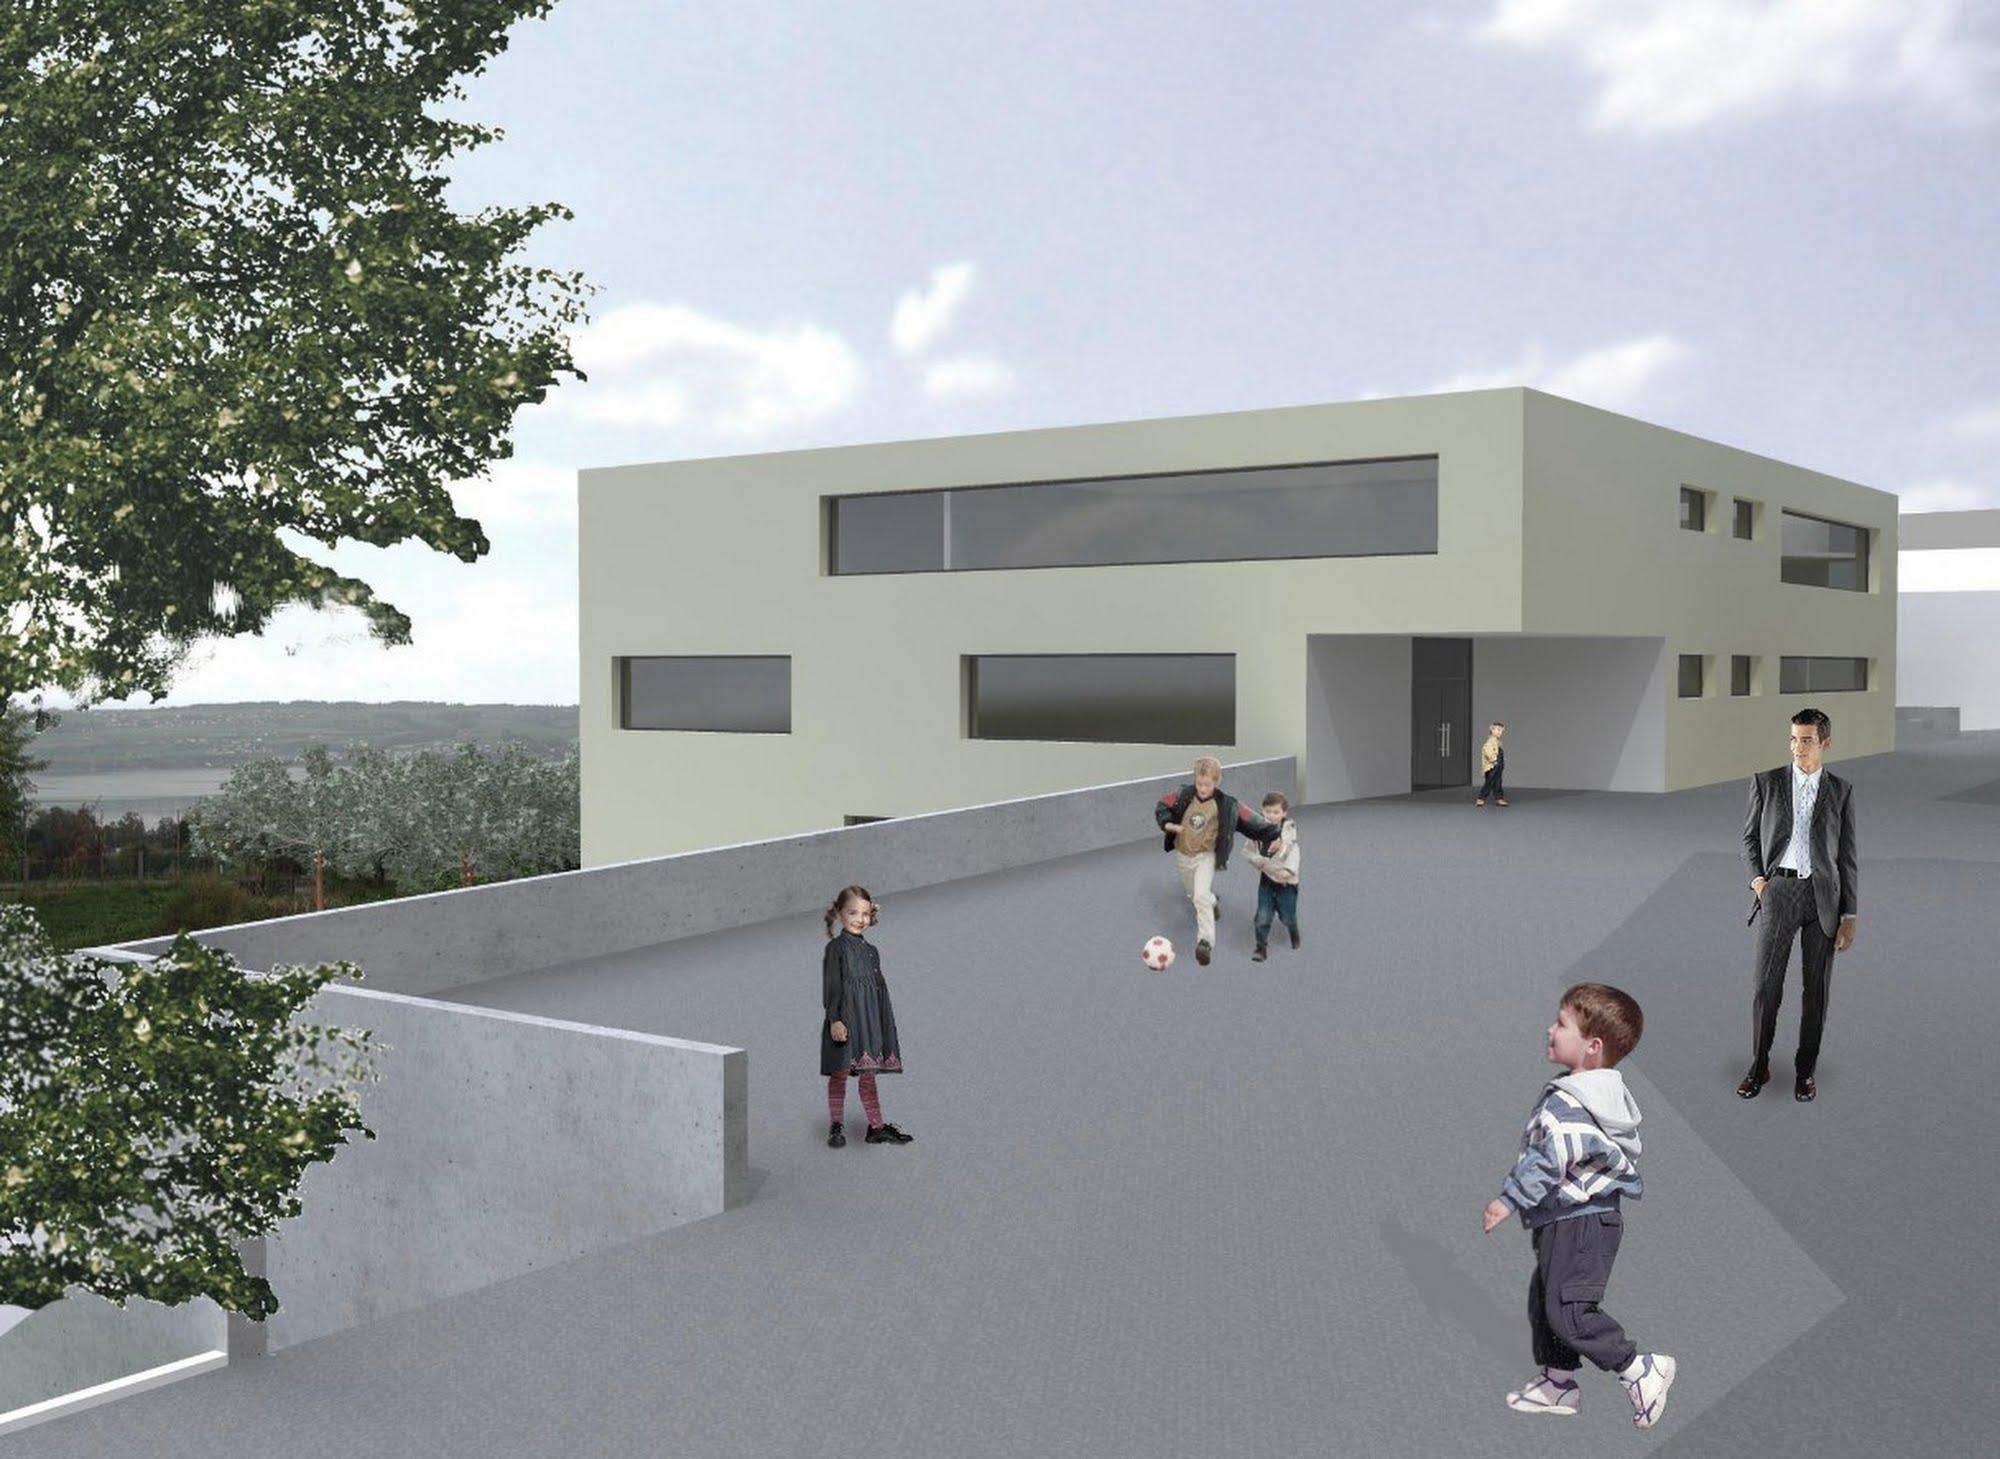 Öffentlich Wettbewerb Schulhaus Nottwil Architektur,Wohnungsbau,Wohnhäuser,Einfamilienhäuser,Mehrfamilienhäuser